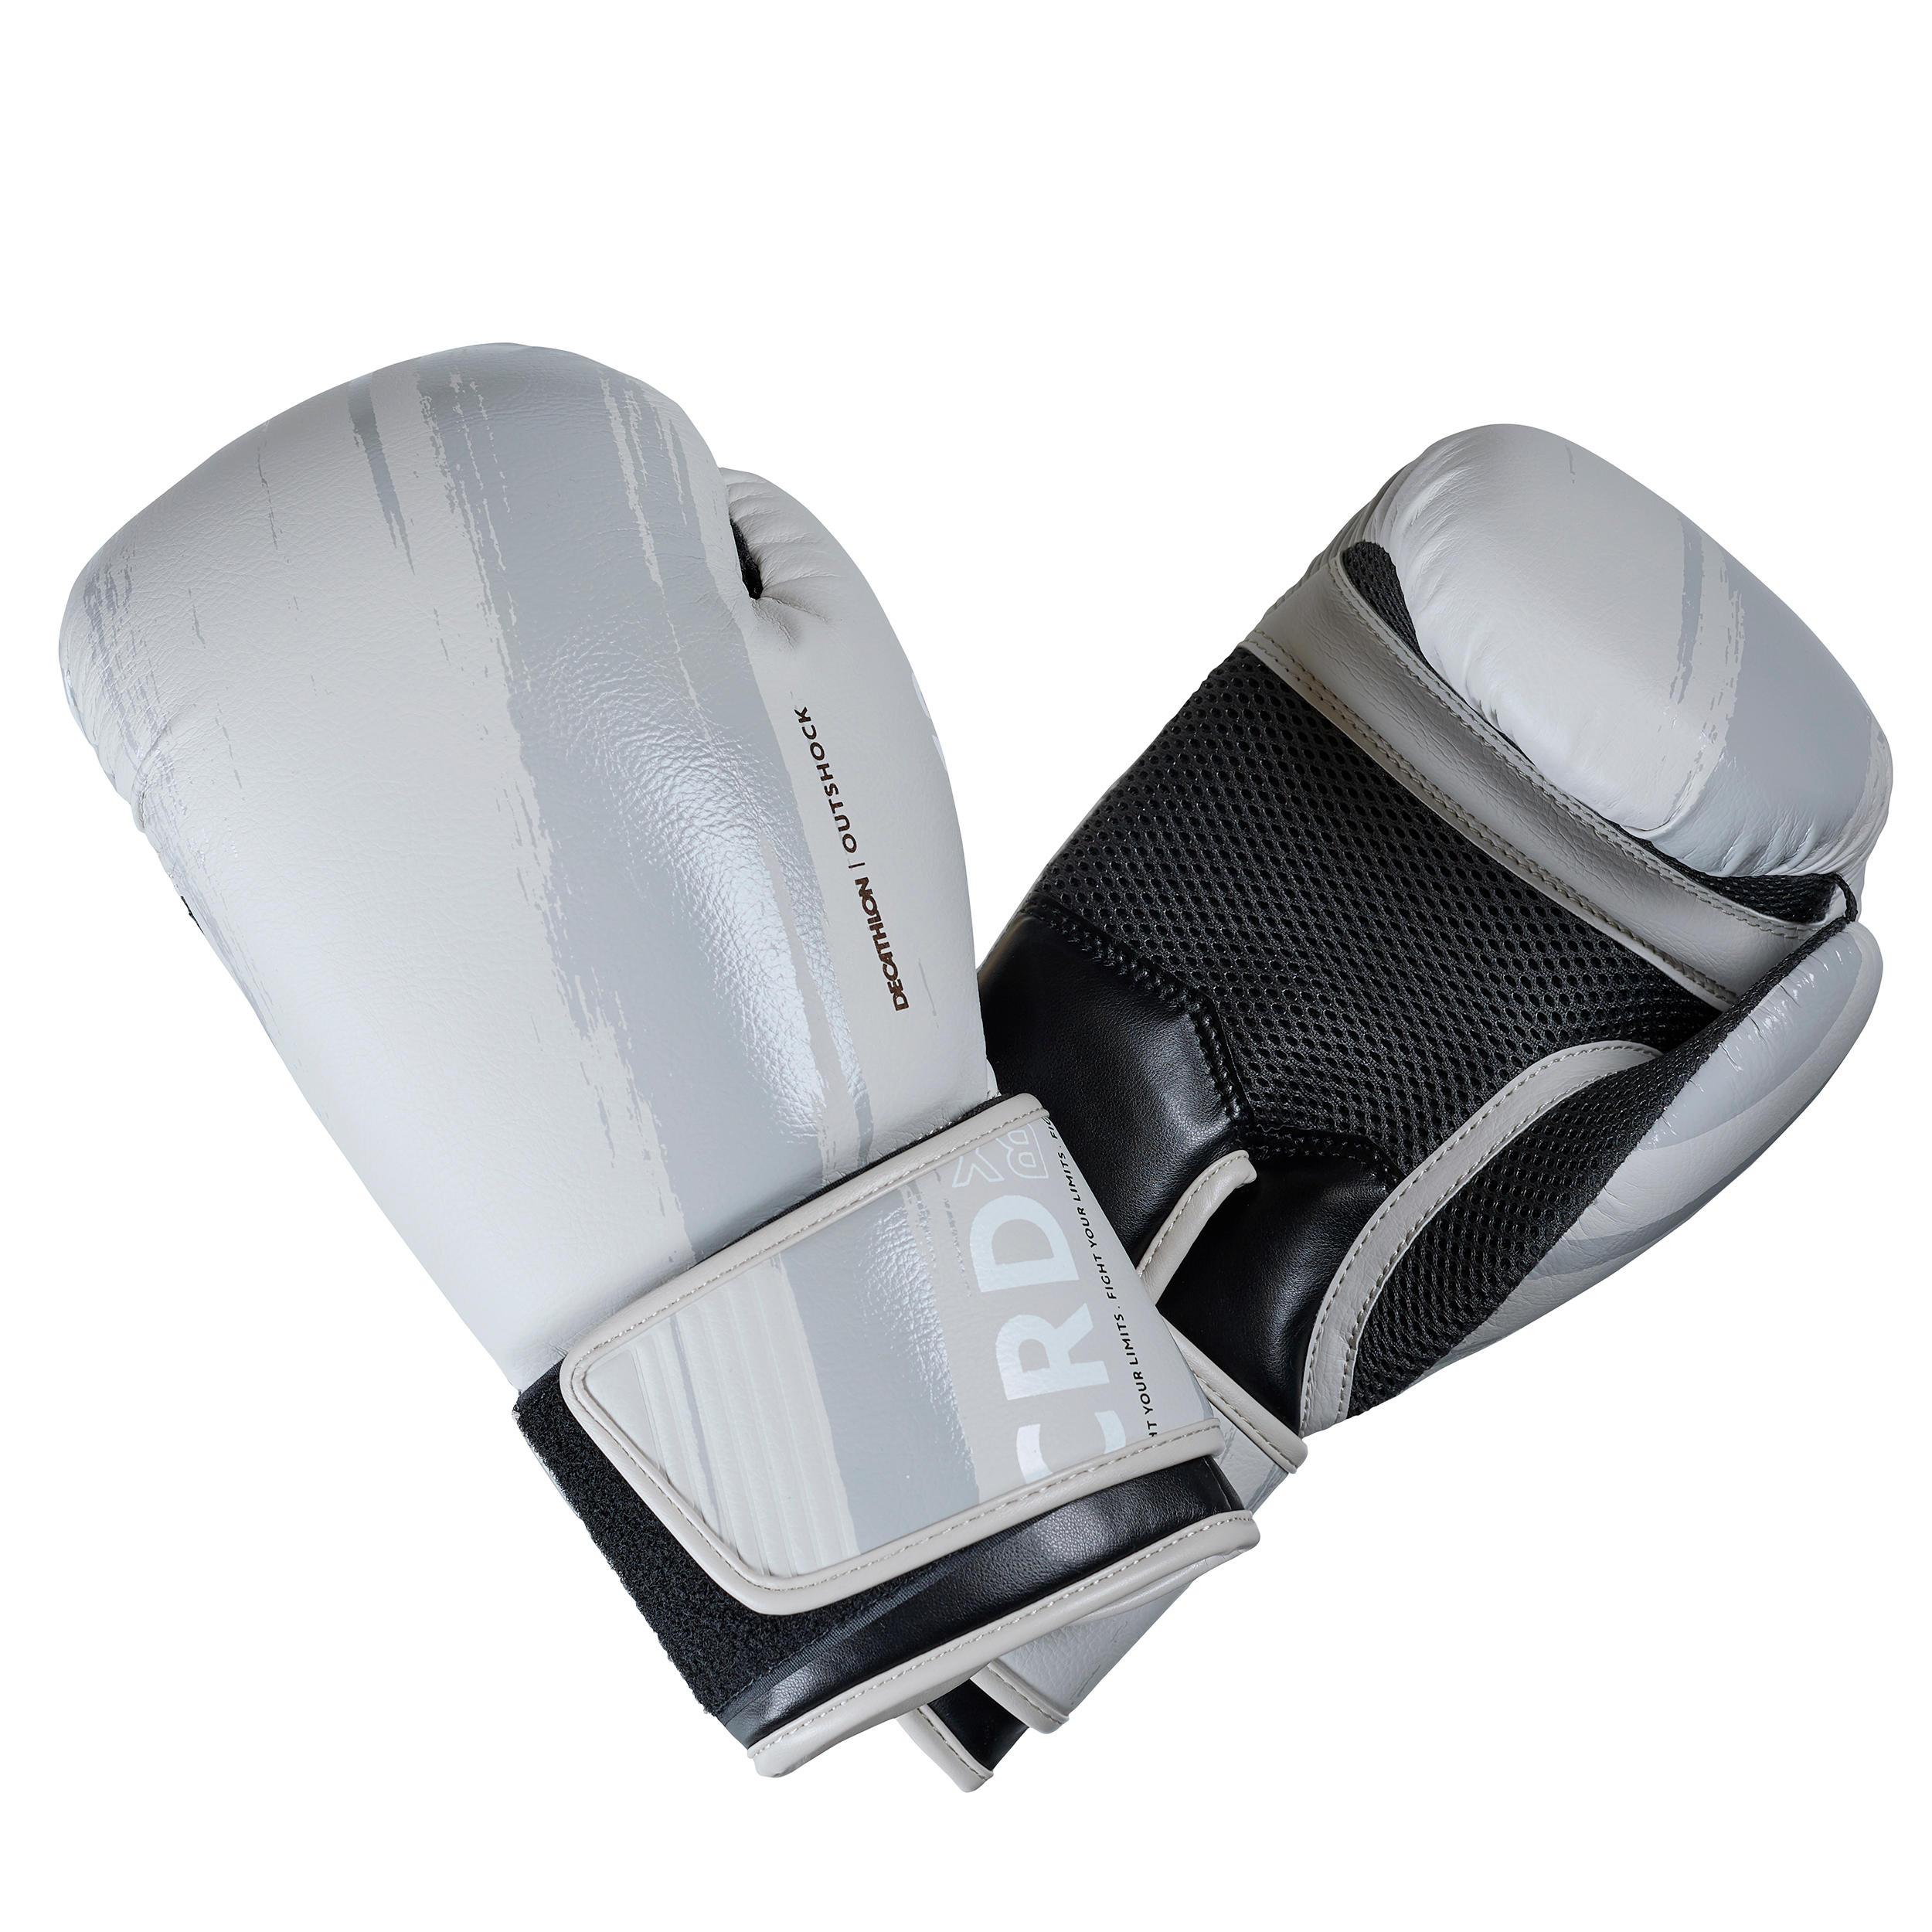 Gants de boxe 300 beige gants dentraînement débutant homme ou femme outshock